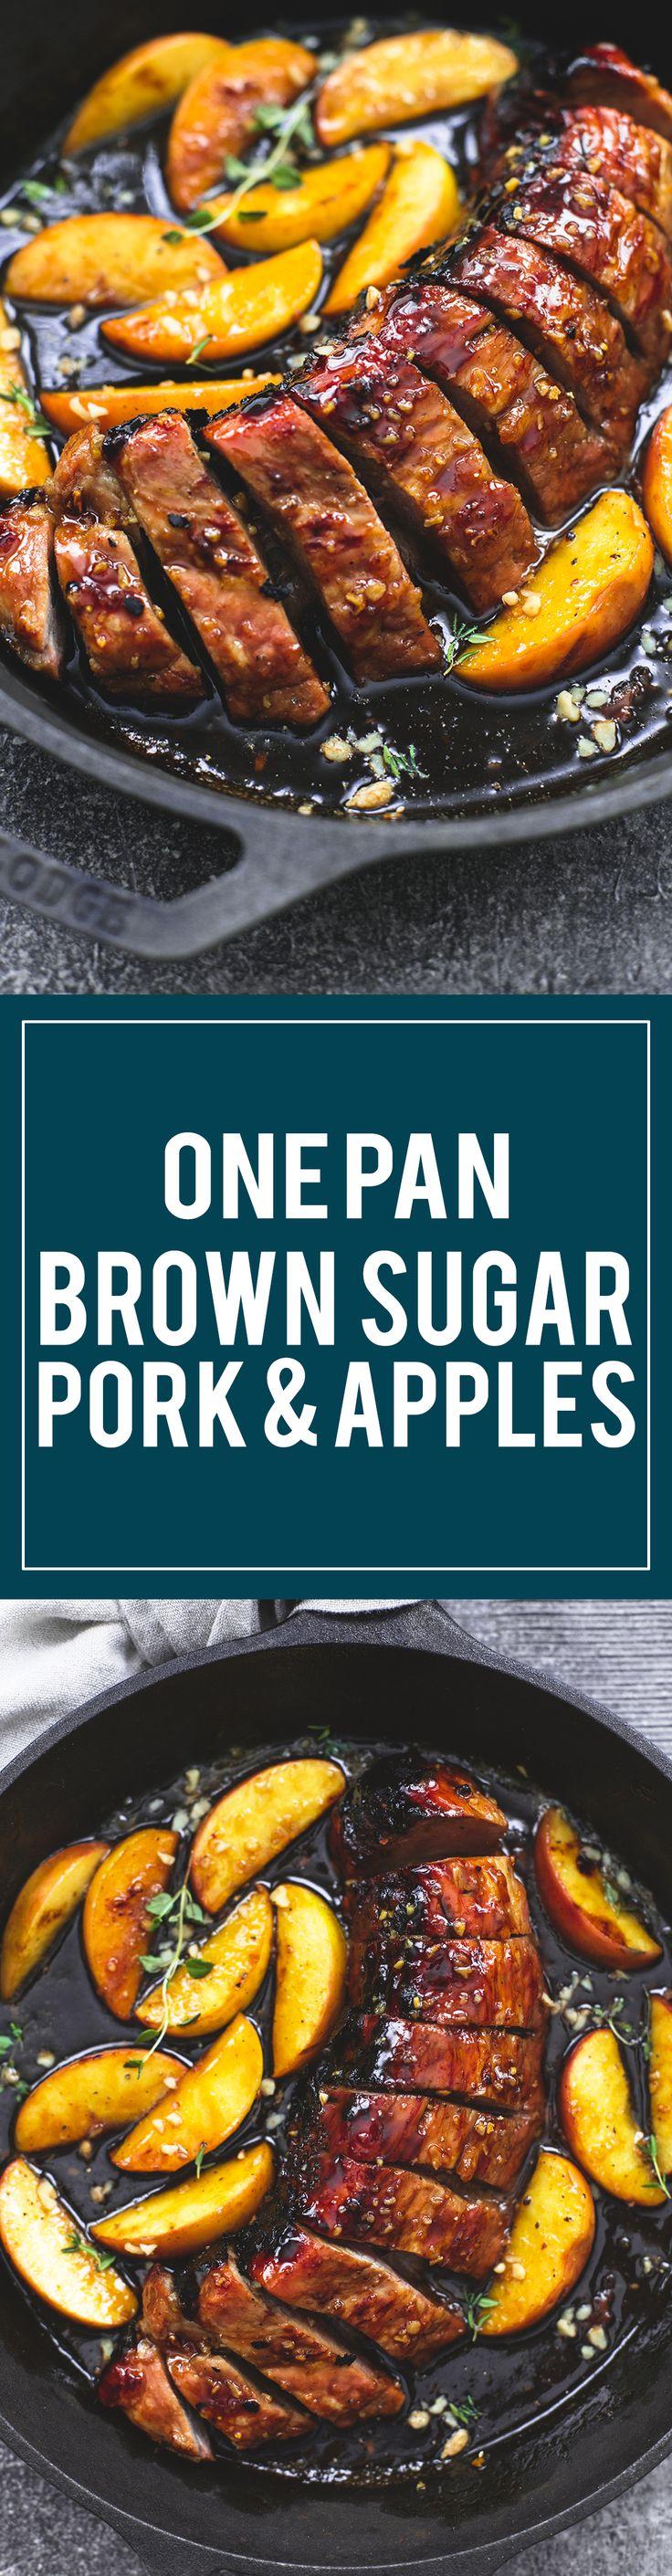 One Pan Brown Sugar Pork & Apples